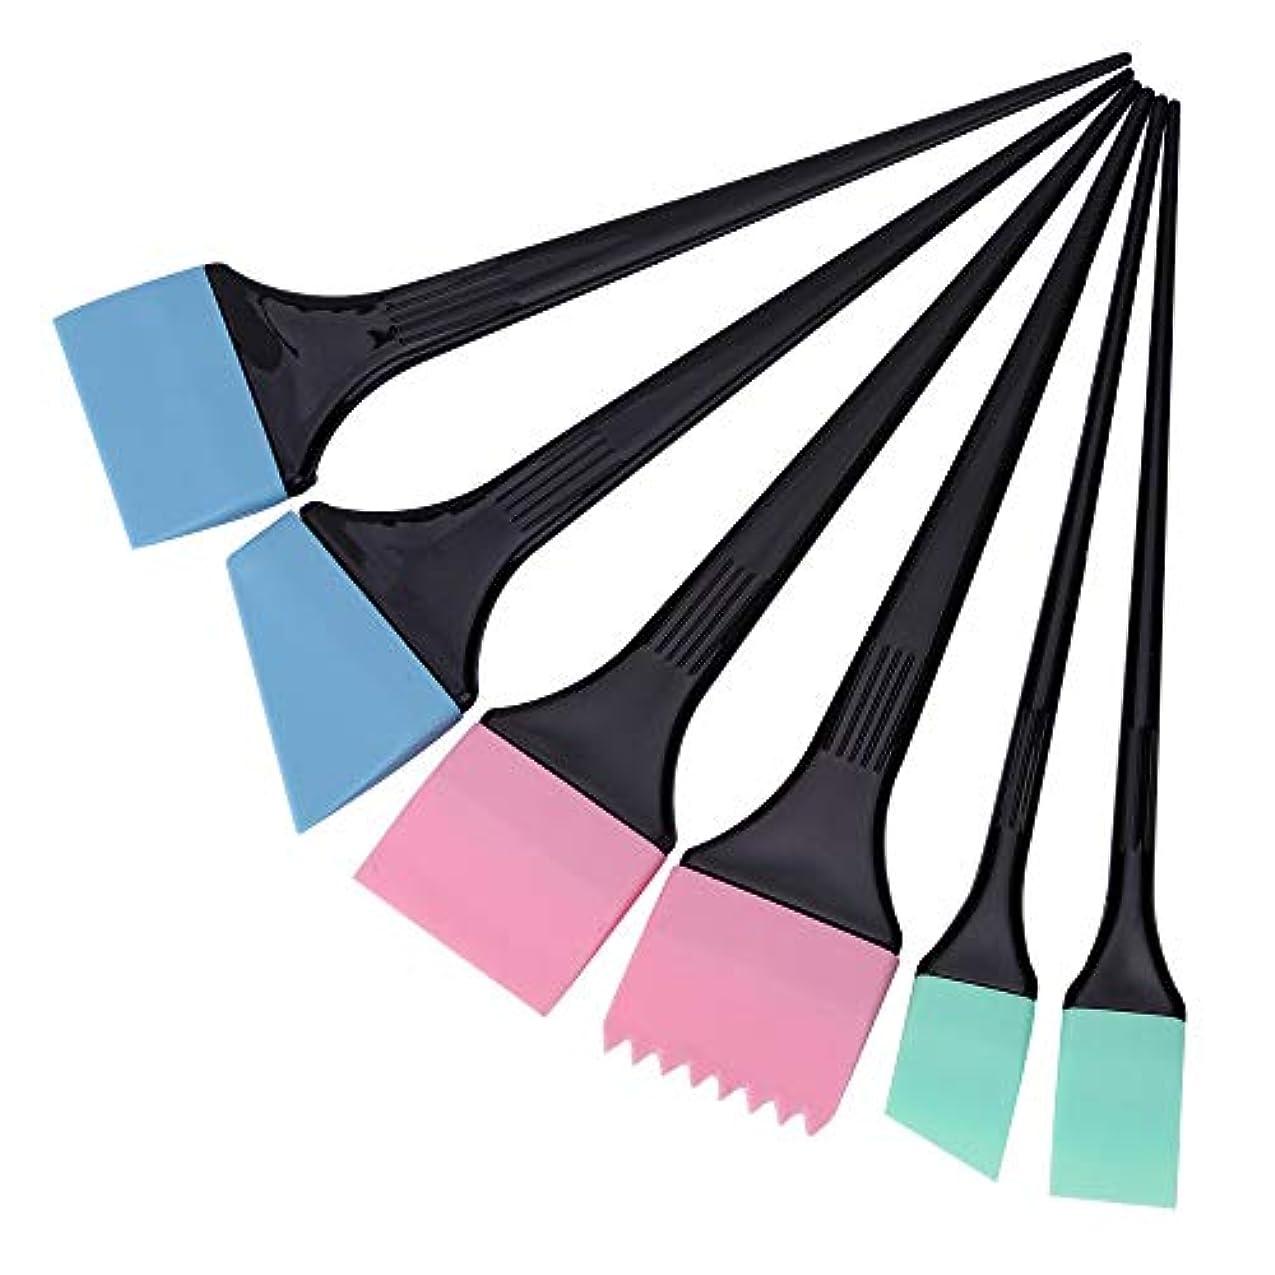 拮抗するフルーツ祖母ヘアダイコーム&ブラシ 毛染めブラシ 6本/セット 着色櫛キット プロサロン 理髪スタイリングツール へアカラーセット グリーン